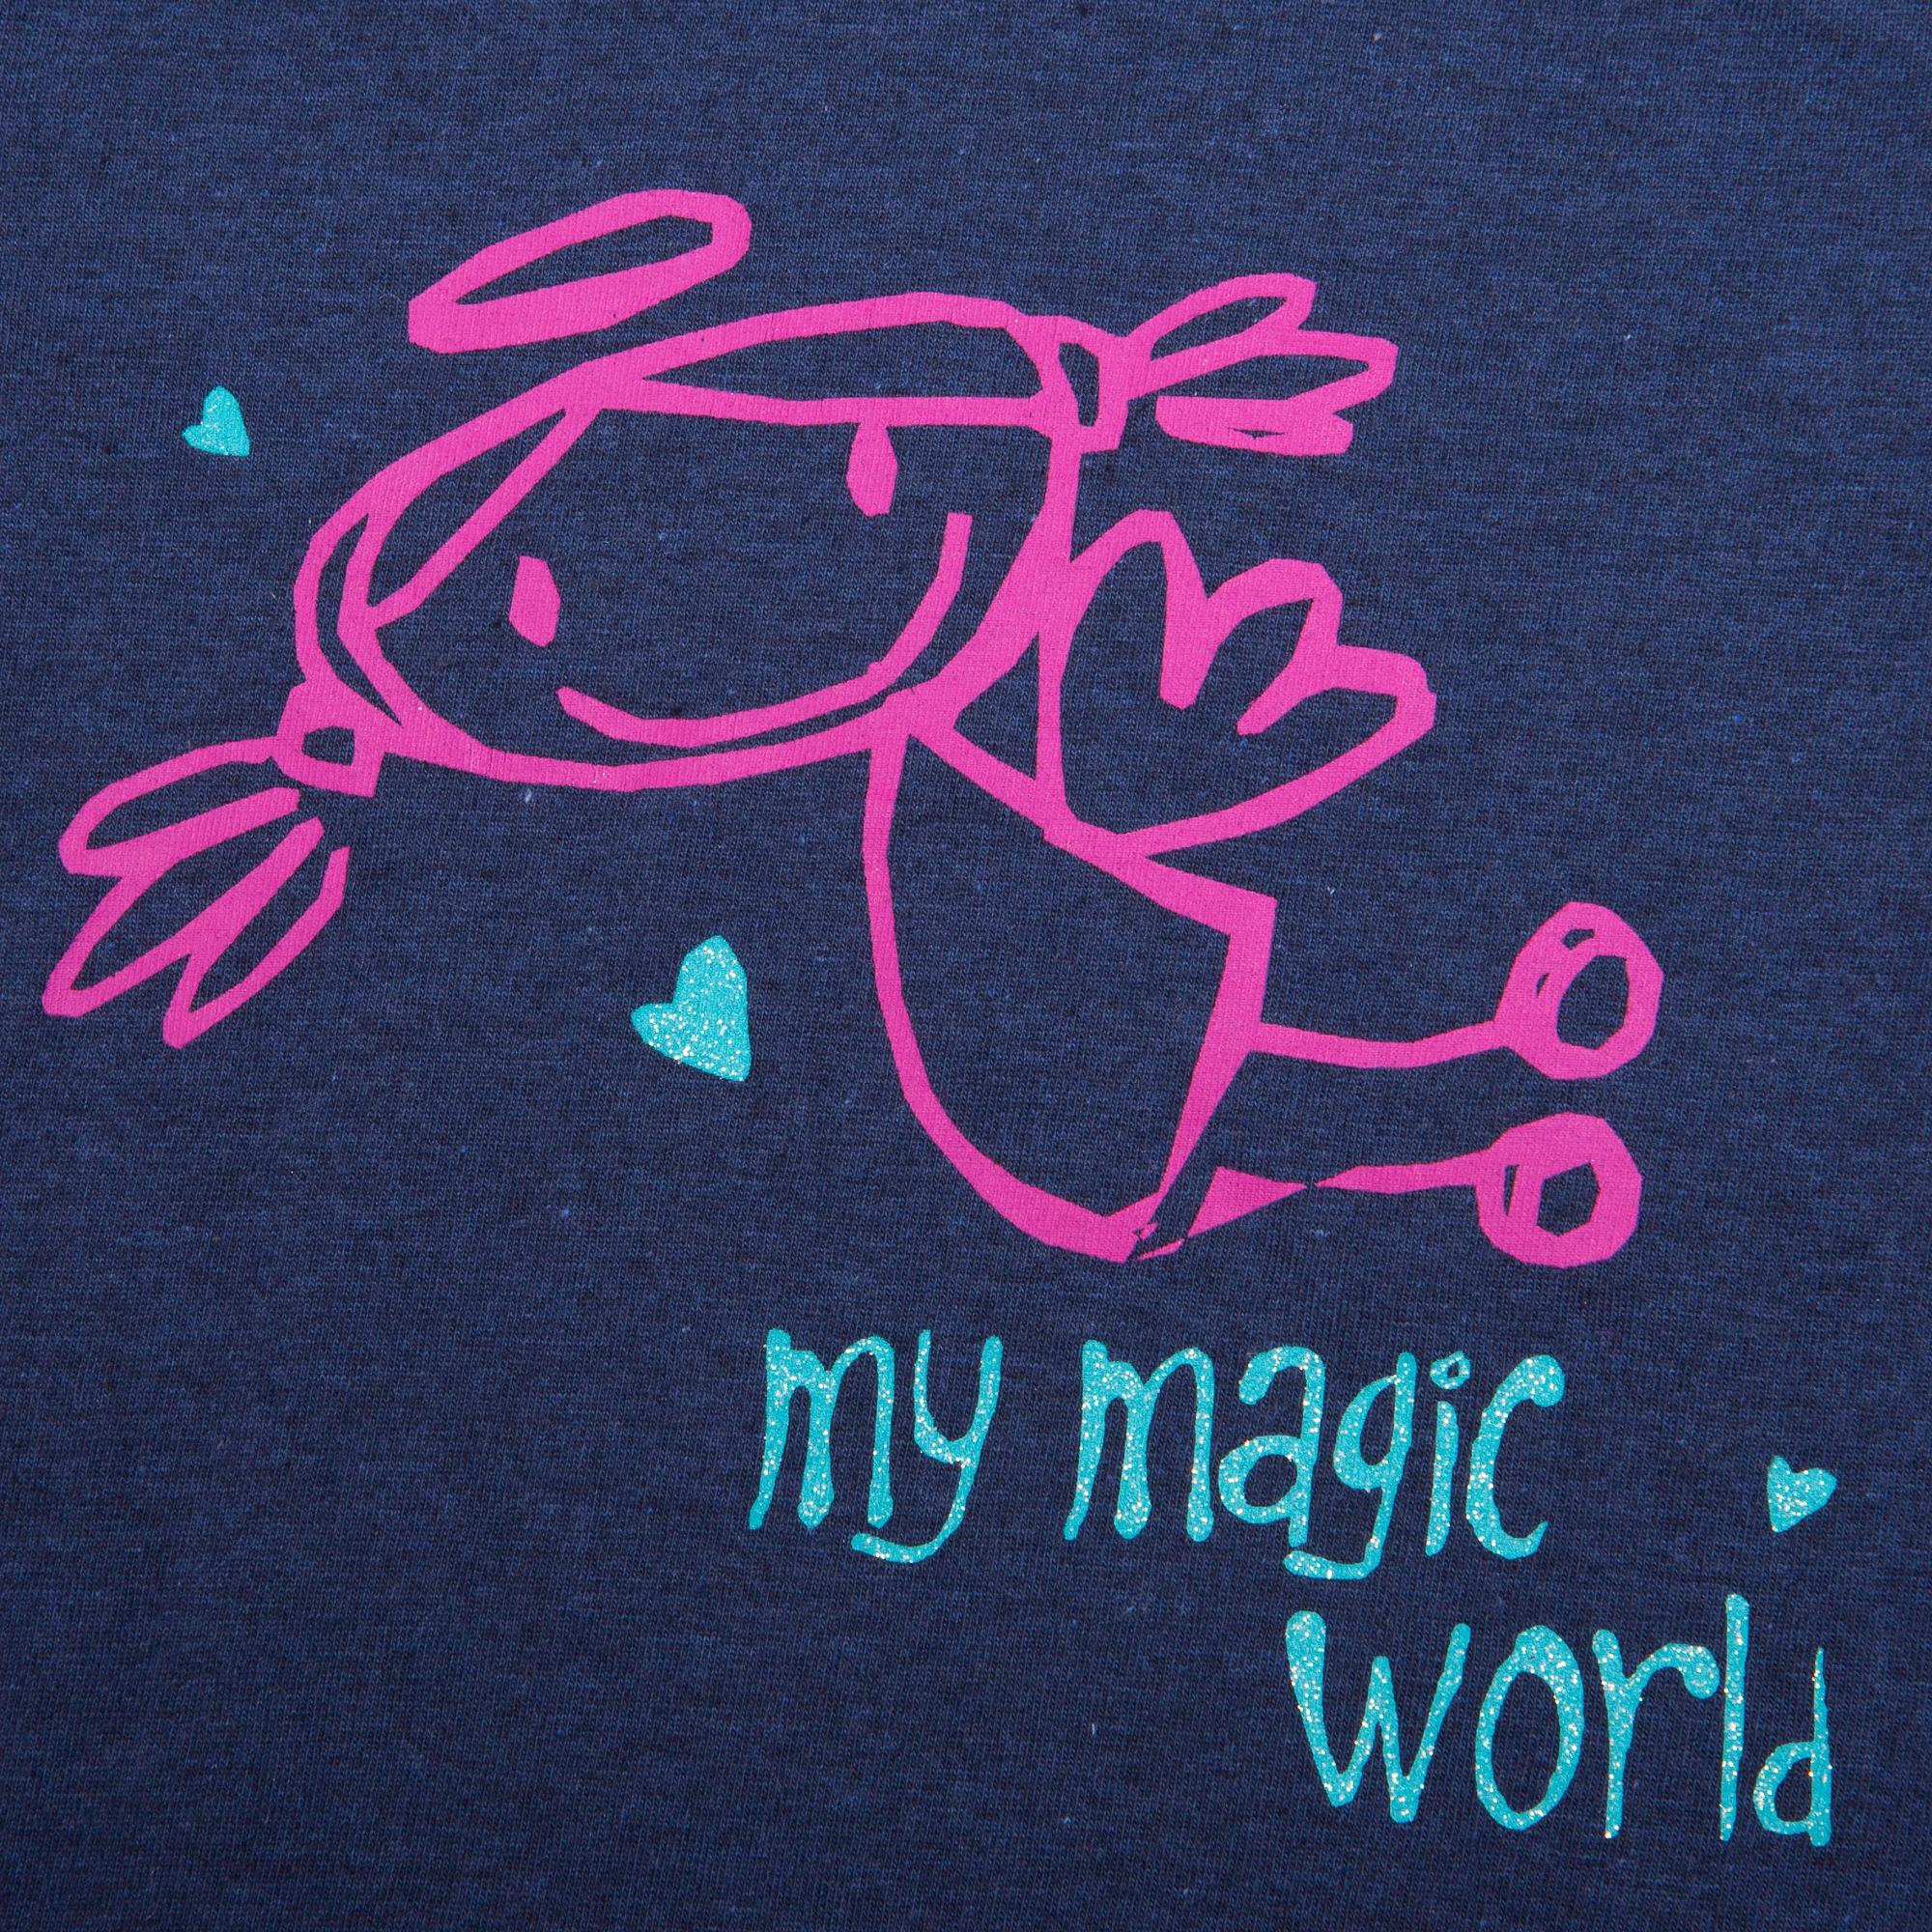 Футболки и топы Barkito Футболка с длинным рукавом для девочки Barkito, Принцесса 1, синяя футболки barkito футболка с длинным рукавом для мальчика barkito монстр трак синяя